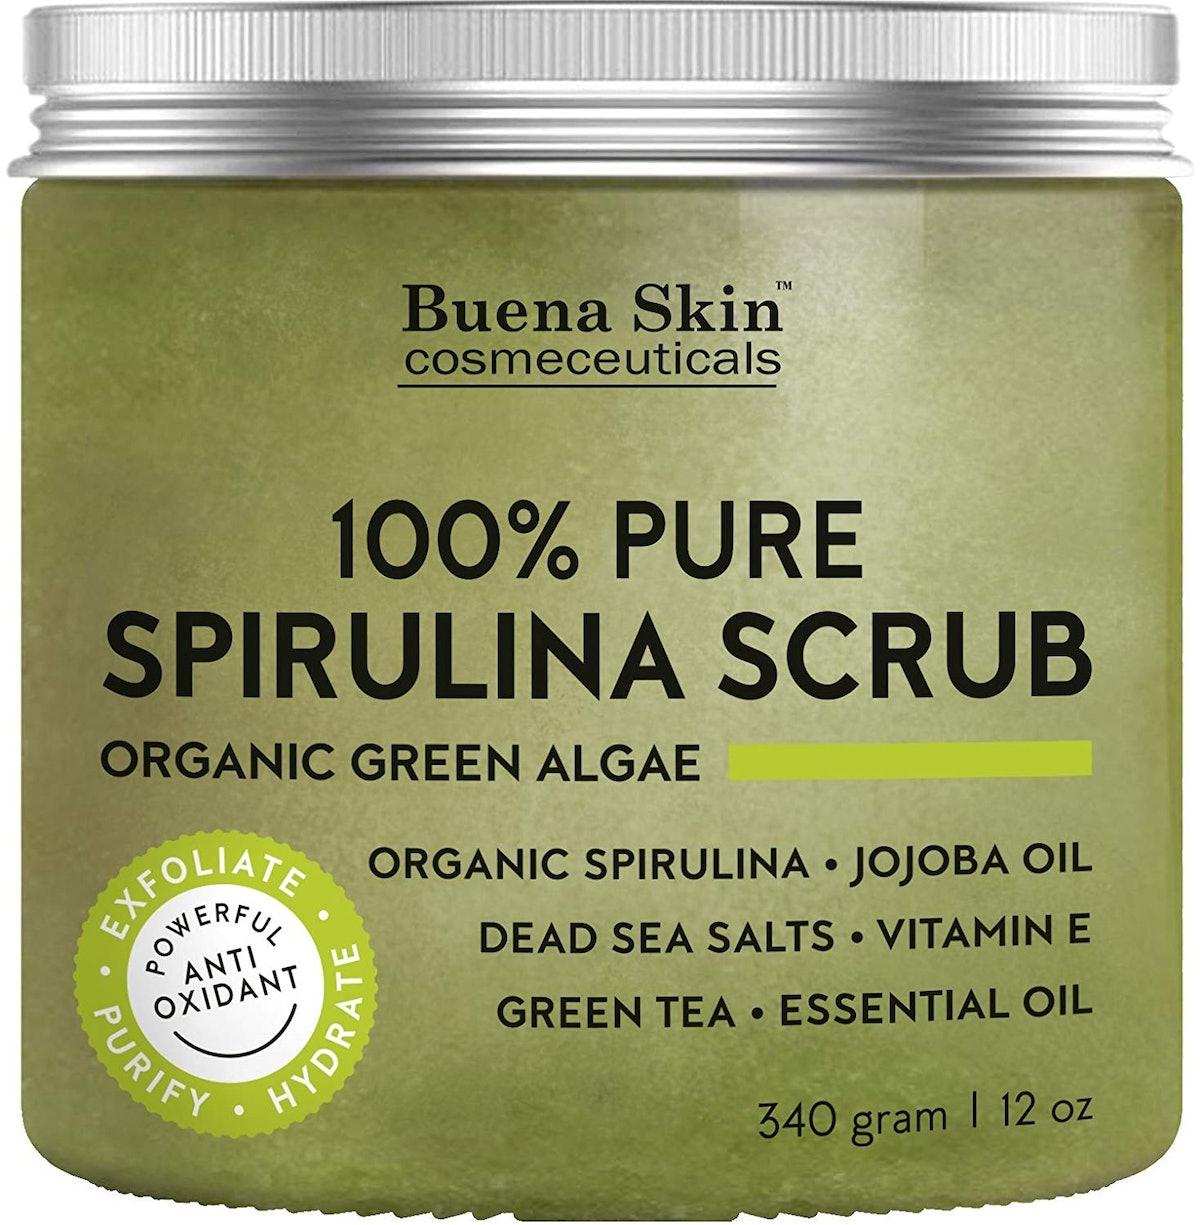 Buena Skin Spirulina Scrub